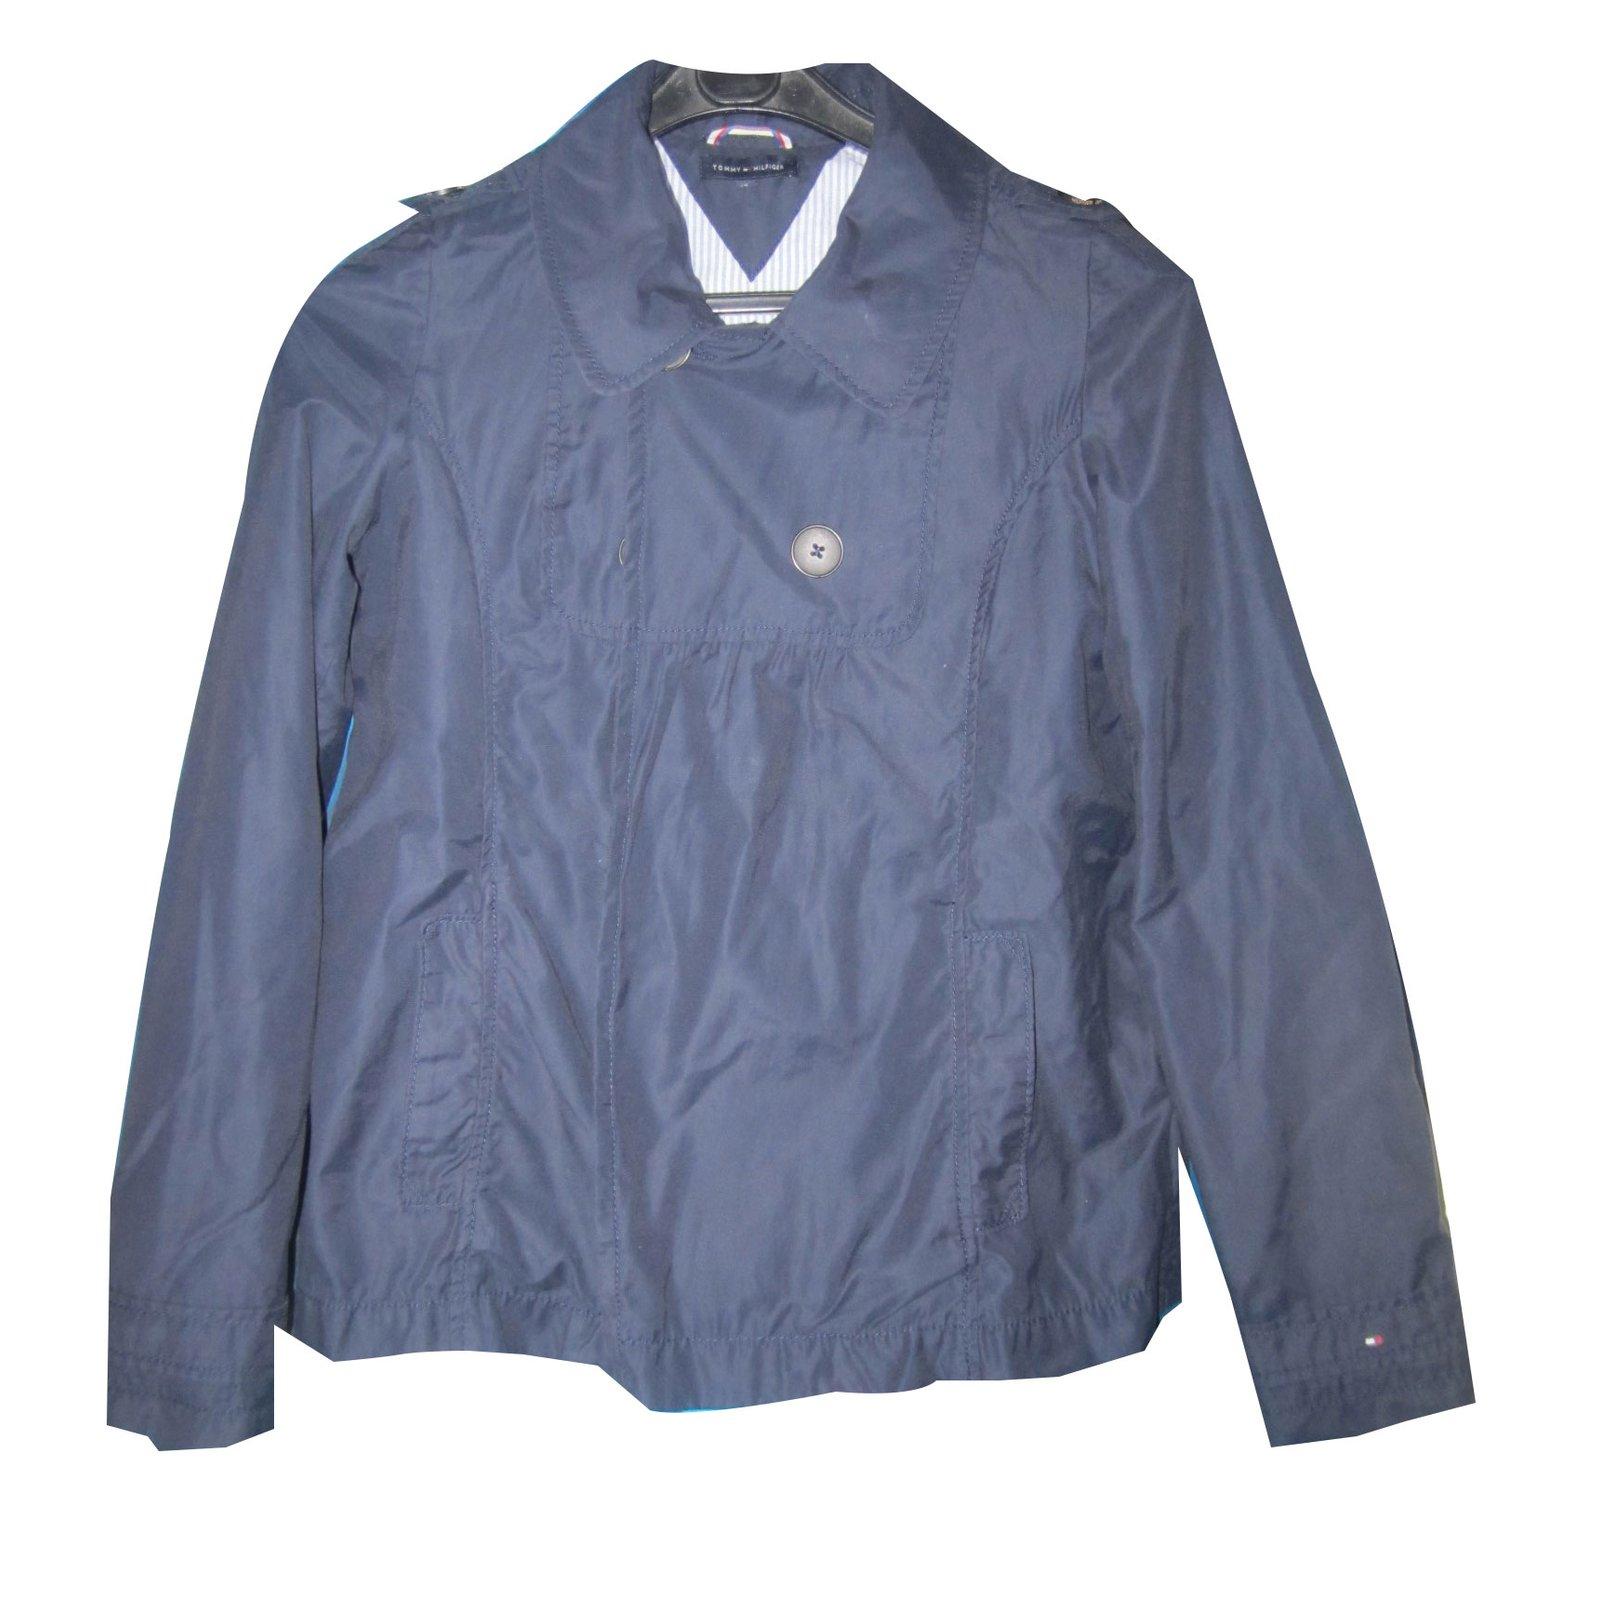 71cec9aad442f Blousons, manteaux filles Tommy Hilfiger Veste 14 ans Tommy Hilfiger Coton  Bleu Marine ref.